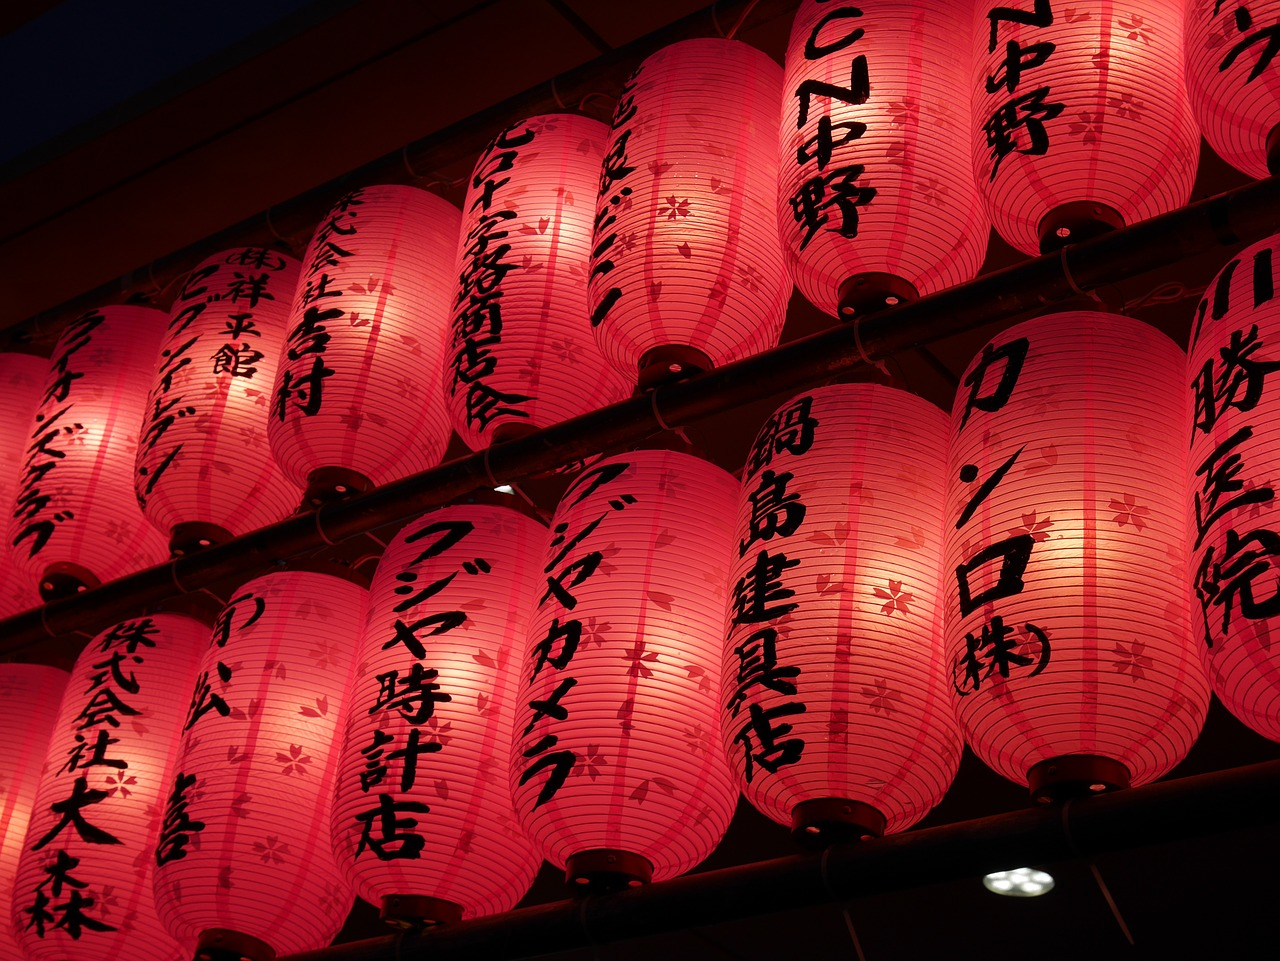 En ocasiones también se recurre a traductores e intérpretes de Hong Kong especializados en chino cantonés.